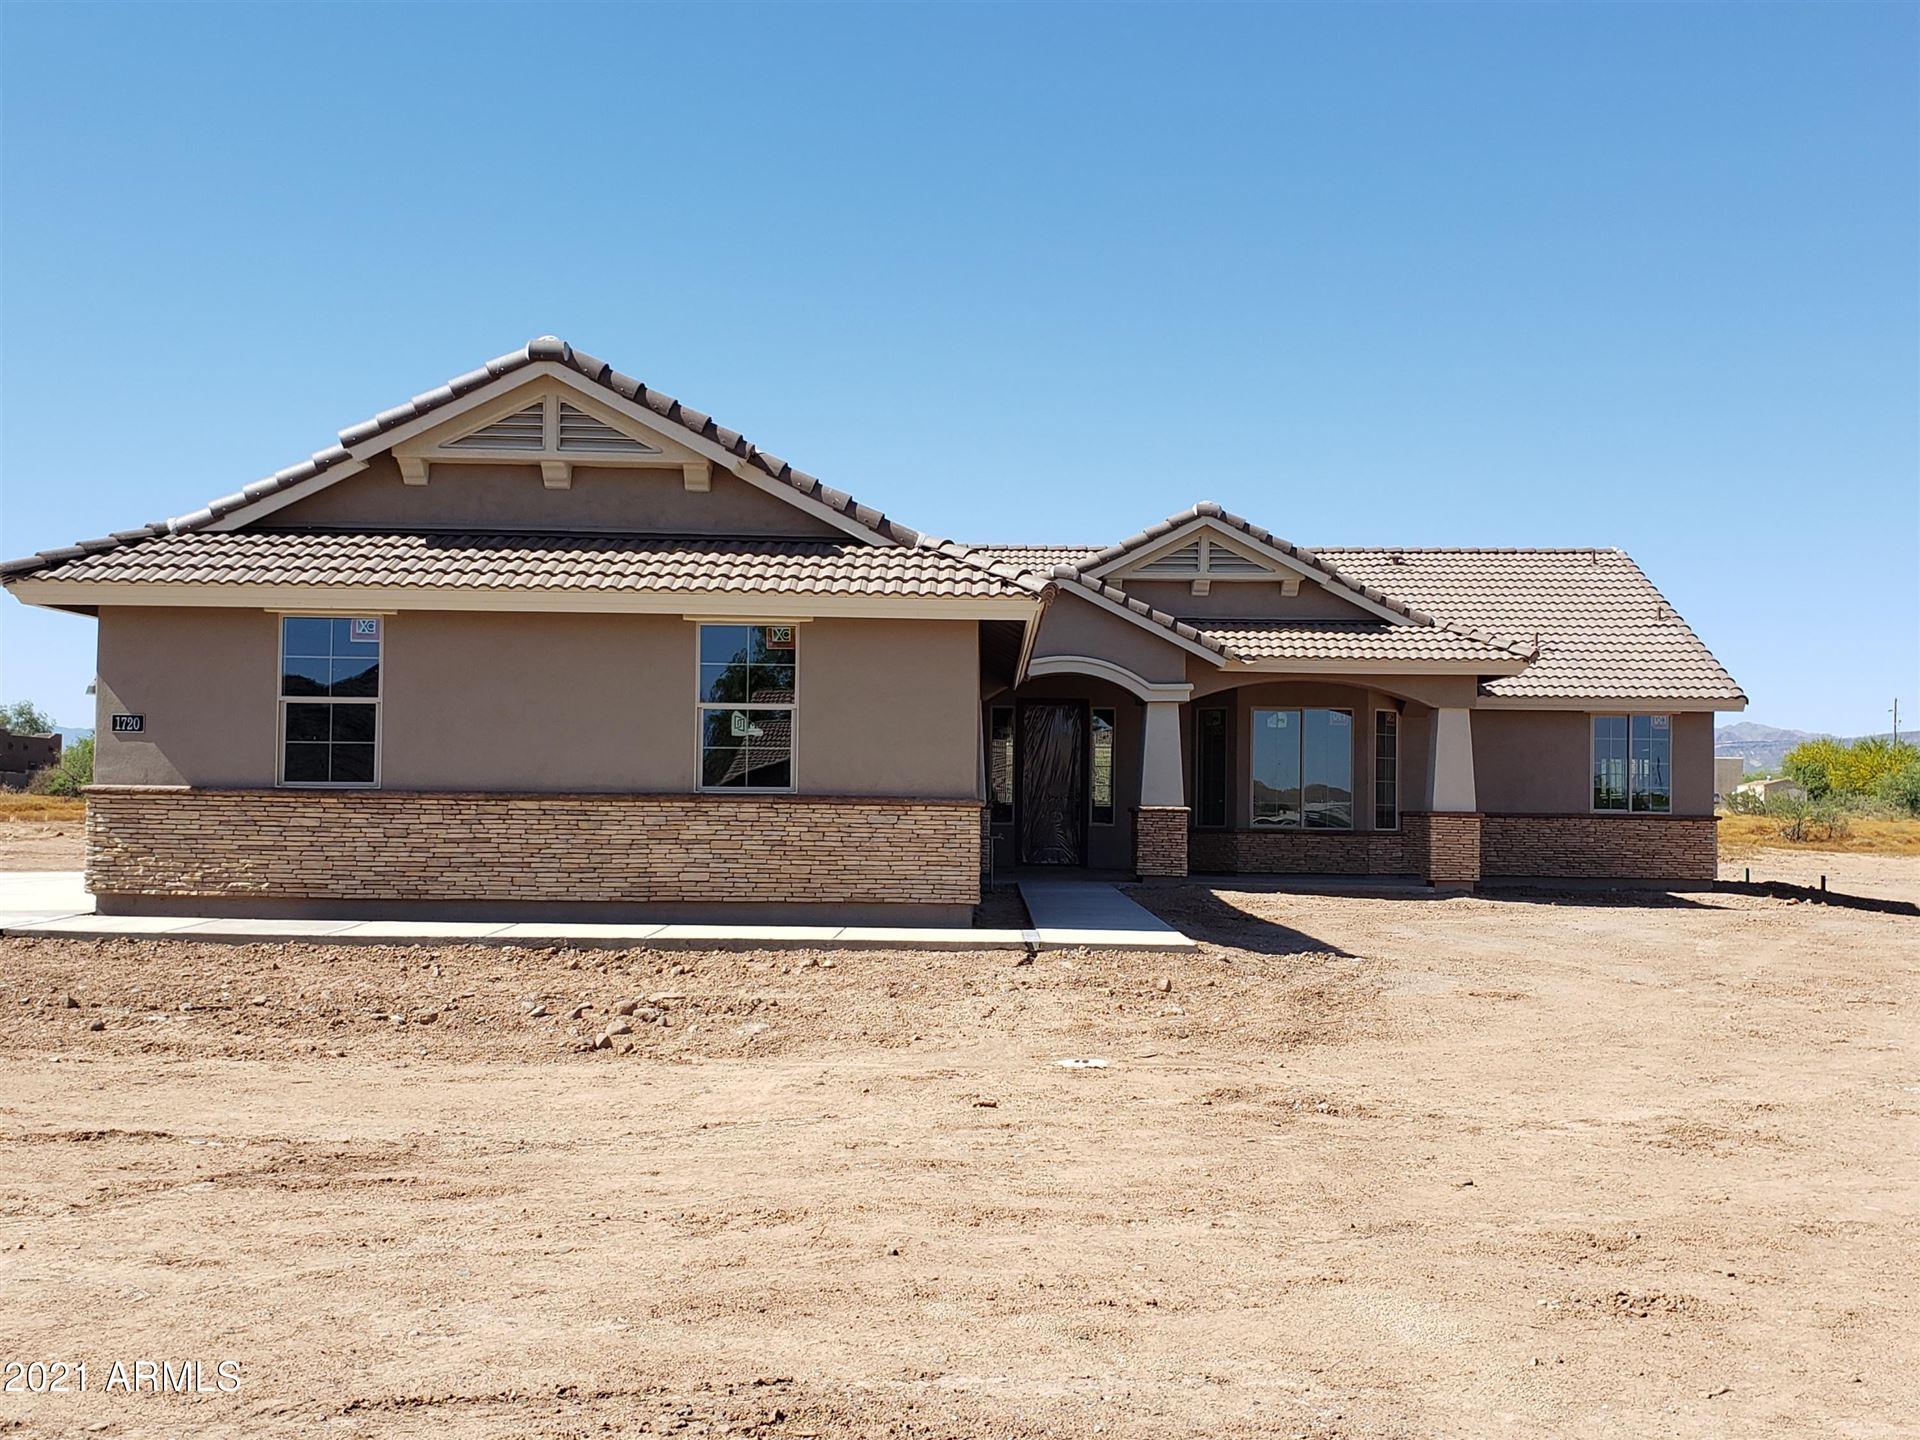 31130 N 137th Way, Scottsdale, AZ 85262 - #: 6182639